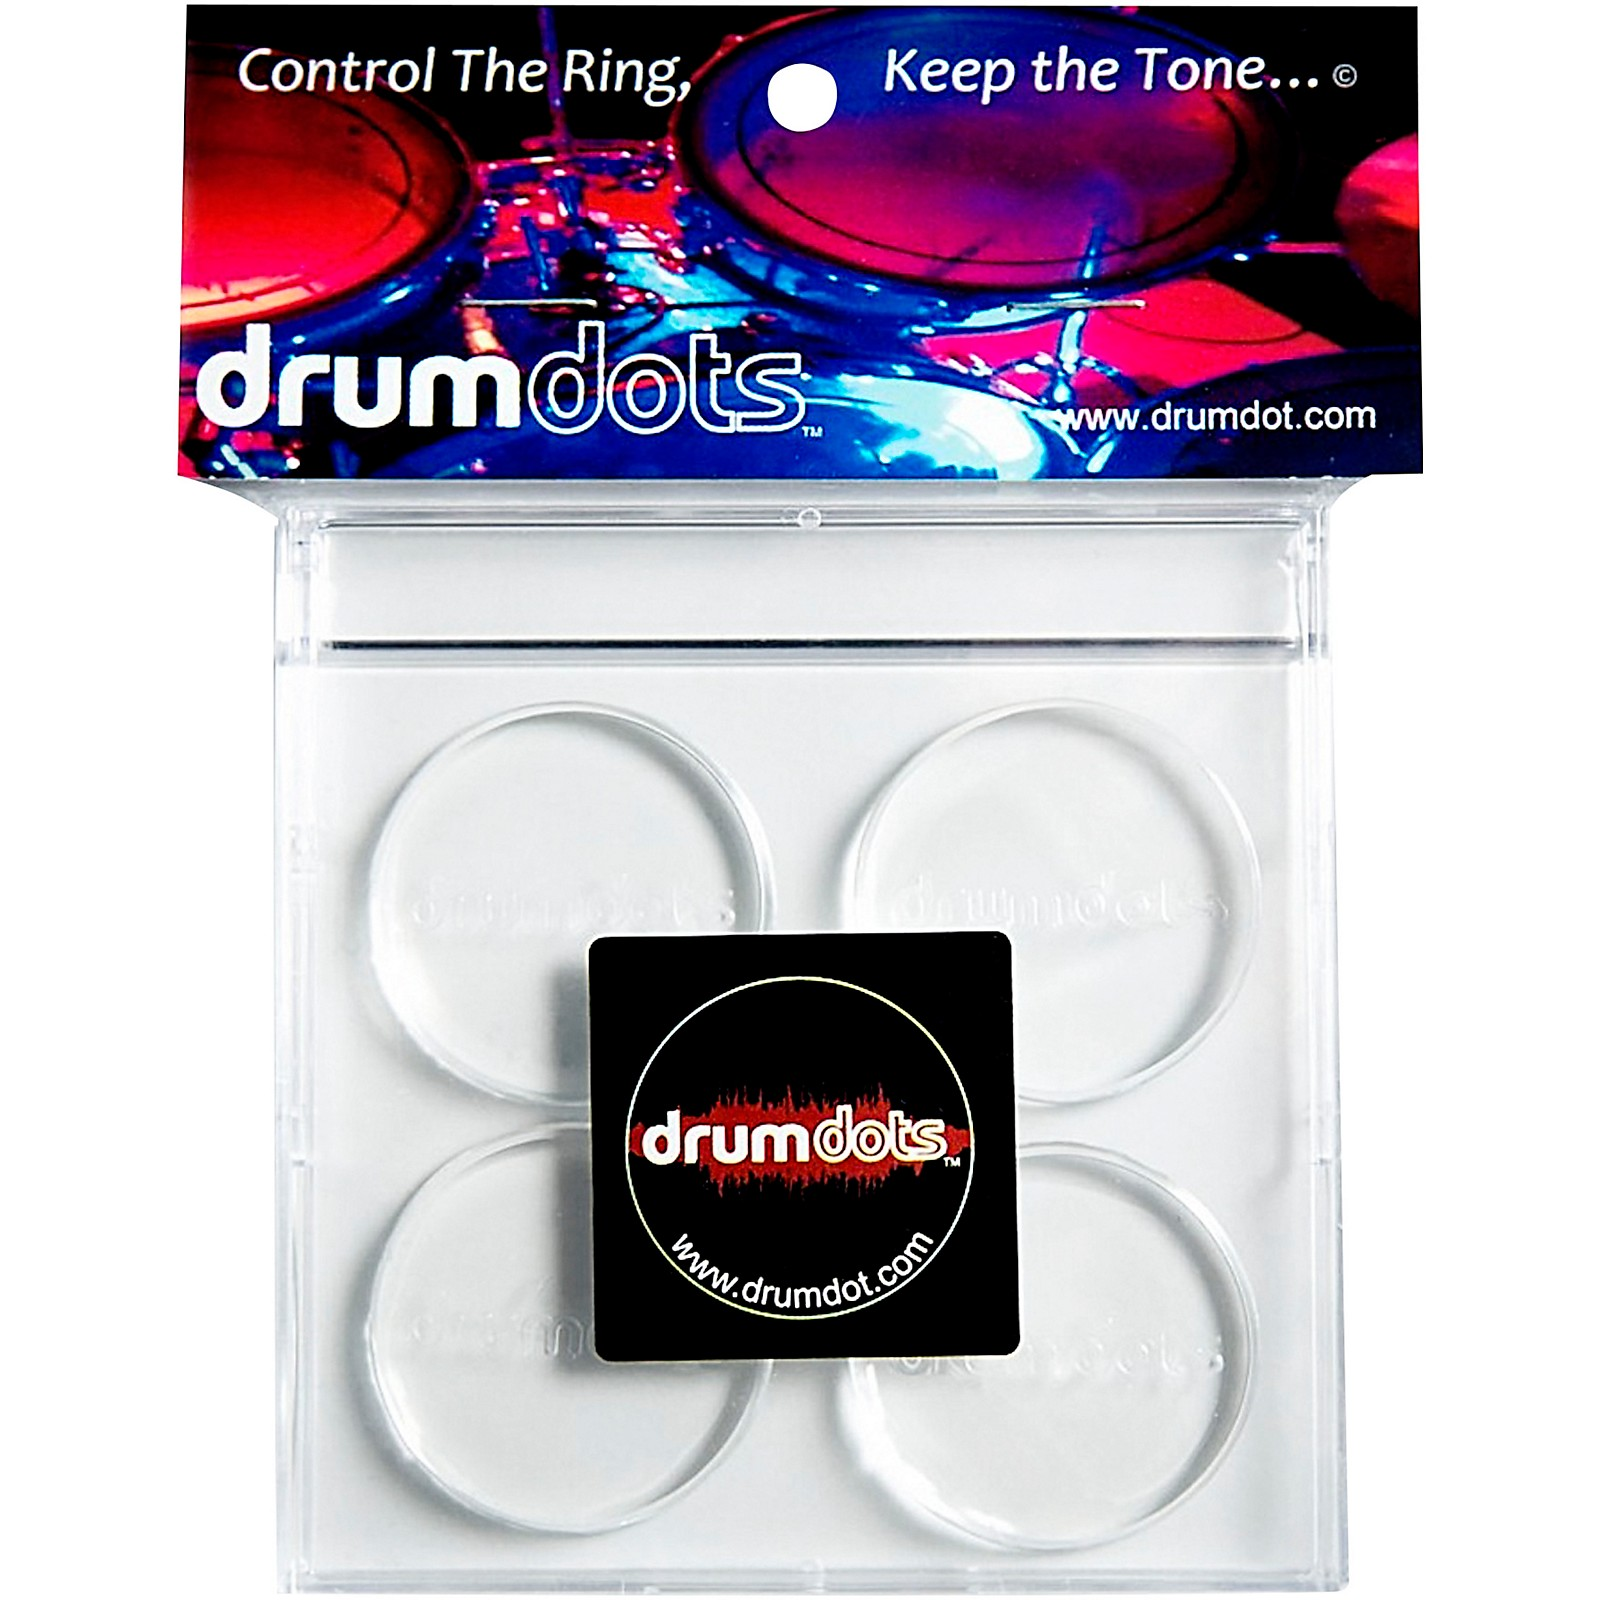 drumdots Original Drum Dampeners, 4-Pack